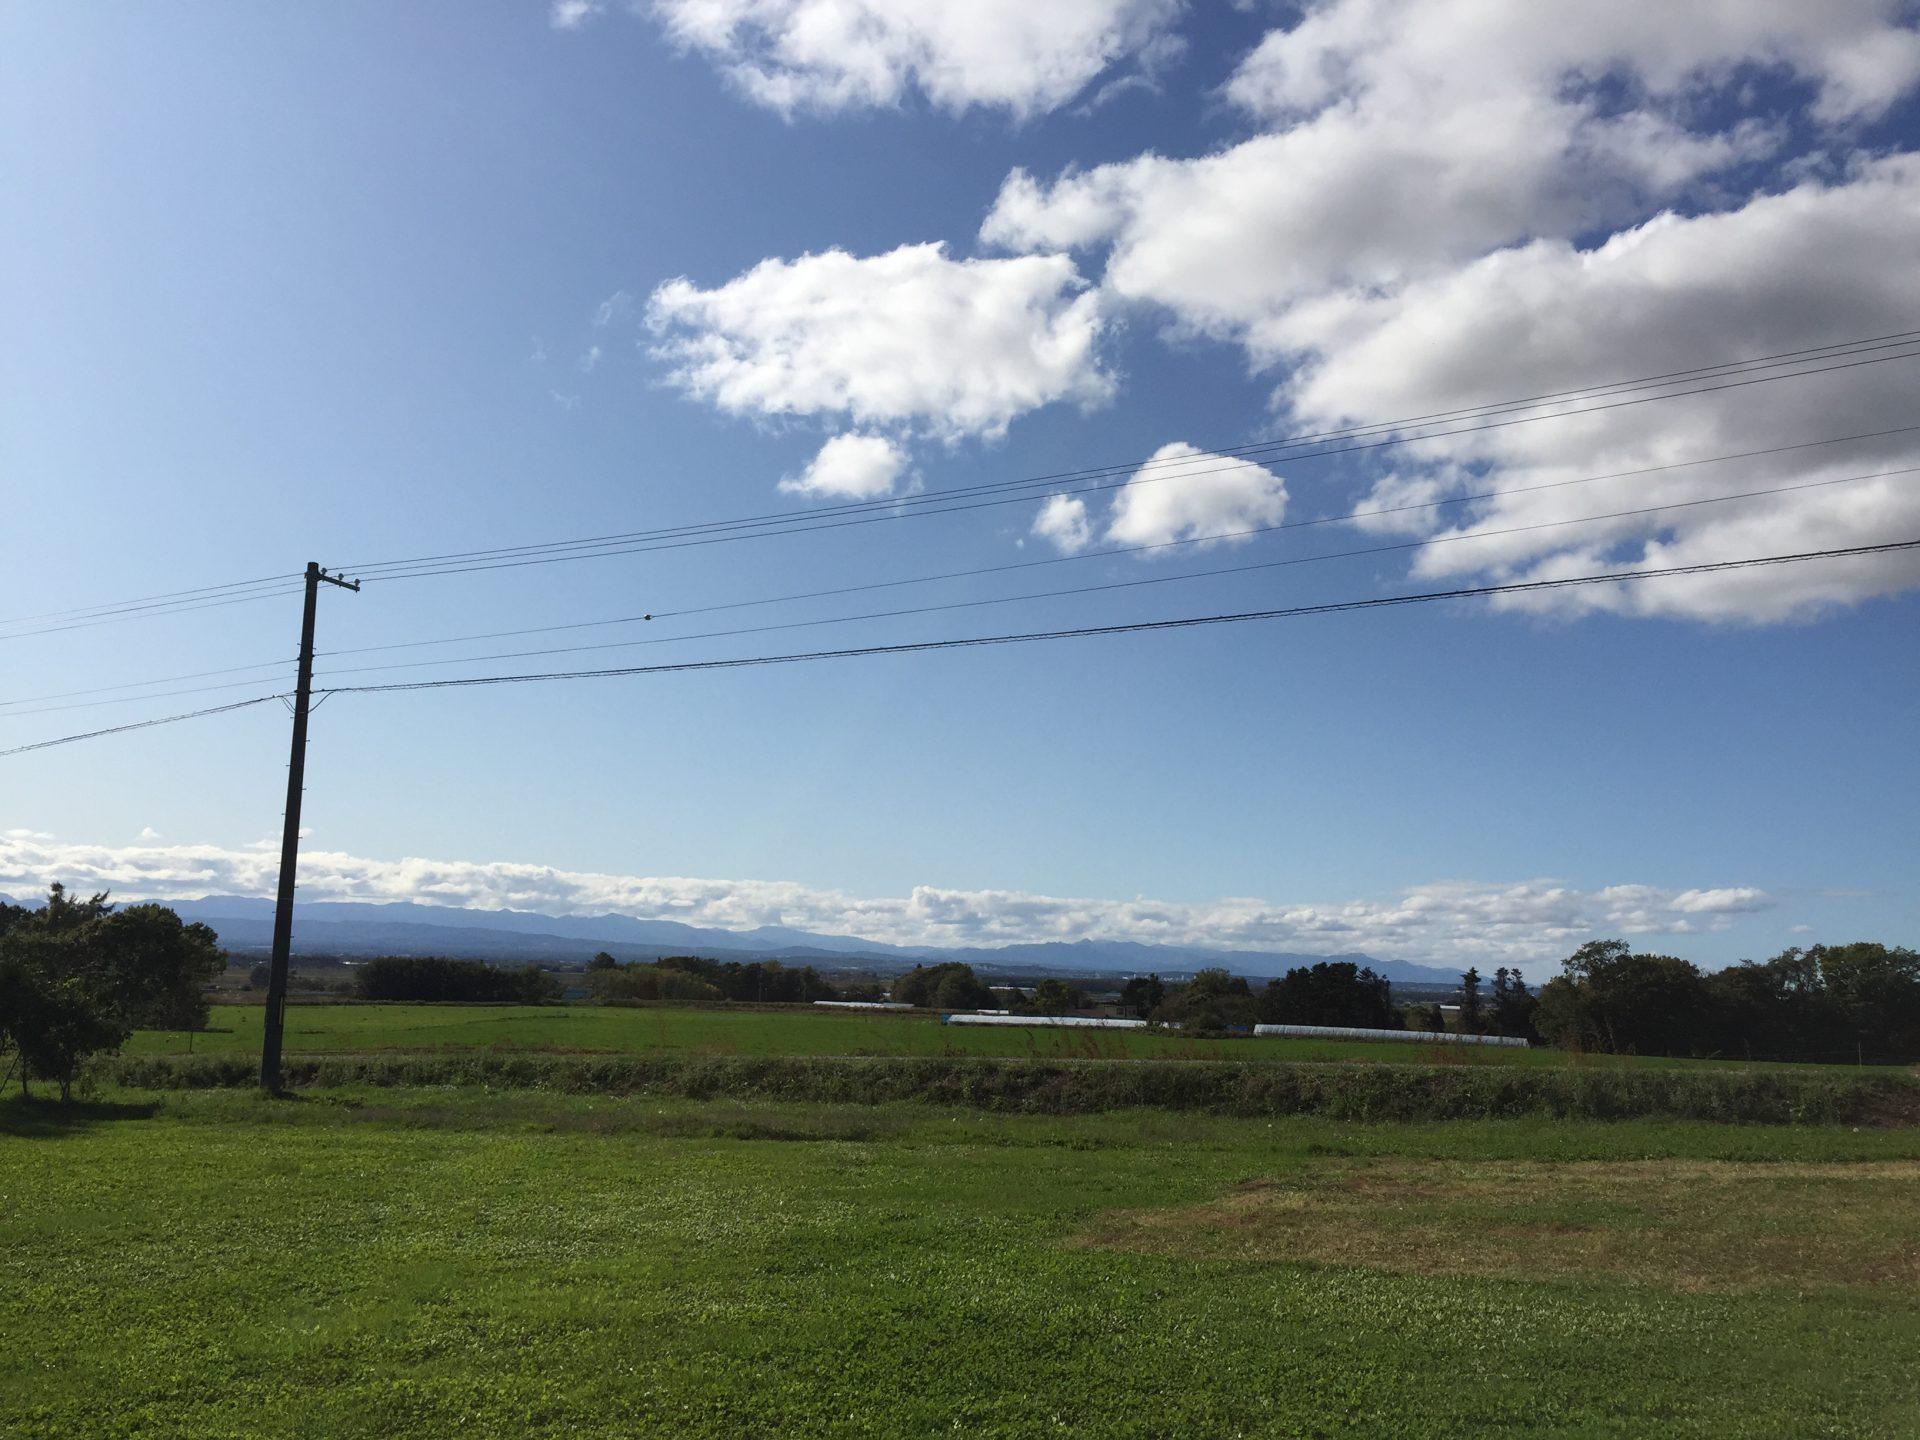 青く澄んだ空と緑